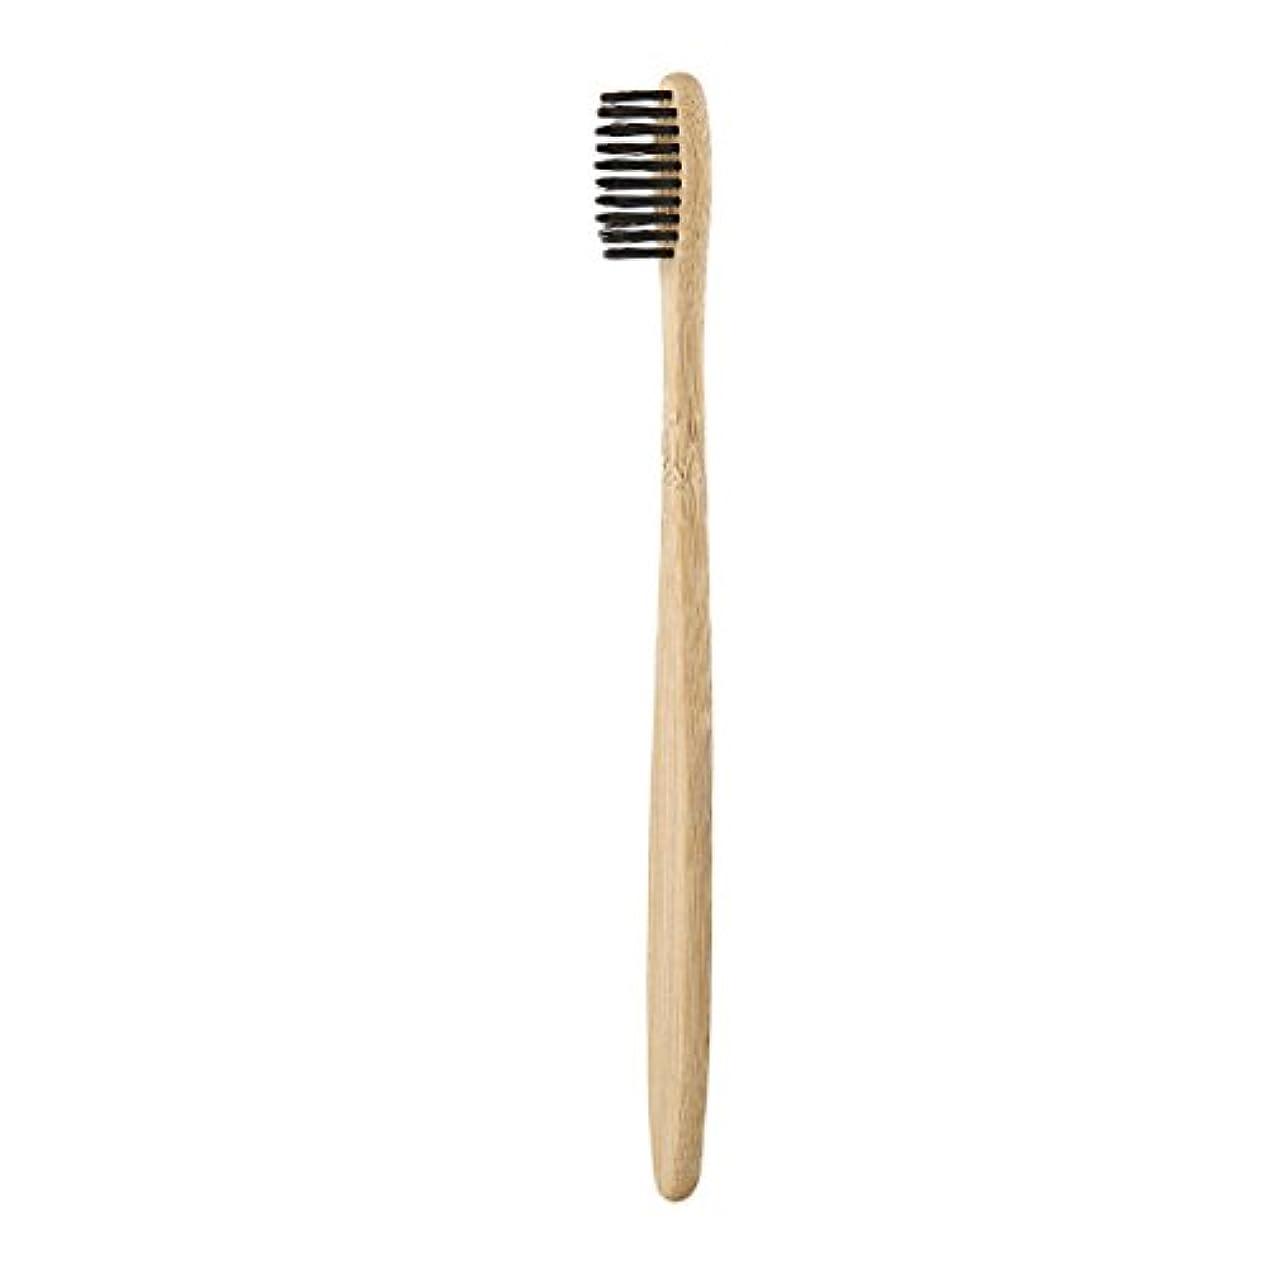 力強い私達飢えたハンドメイドの快適で環境に優しい環境の歯ブラシのタケハンドルの歯ブラシ木炭剛毛健康口頭心配(木製色)